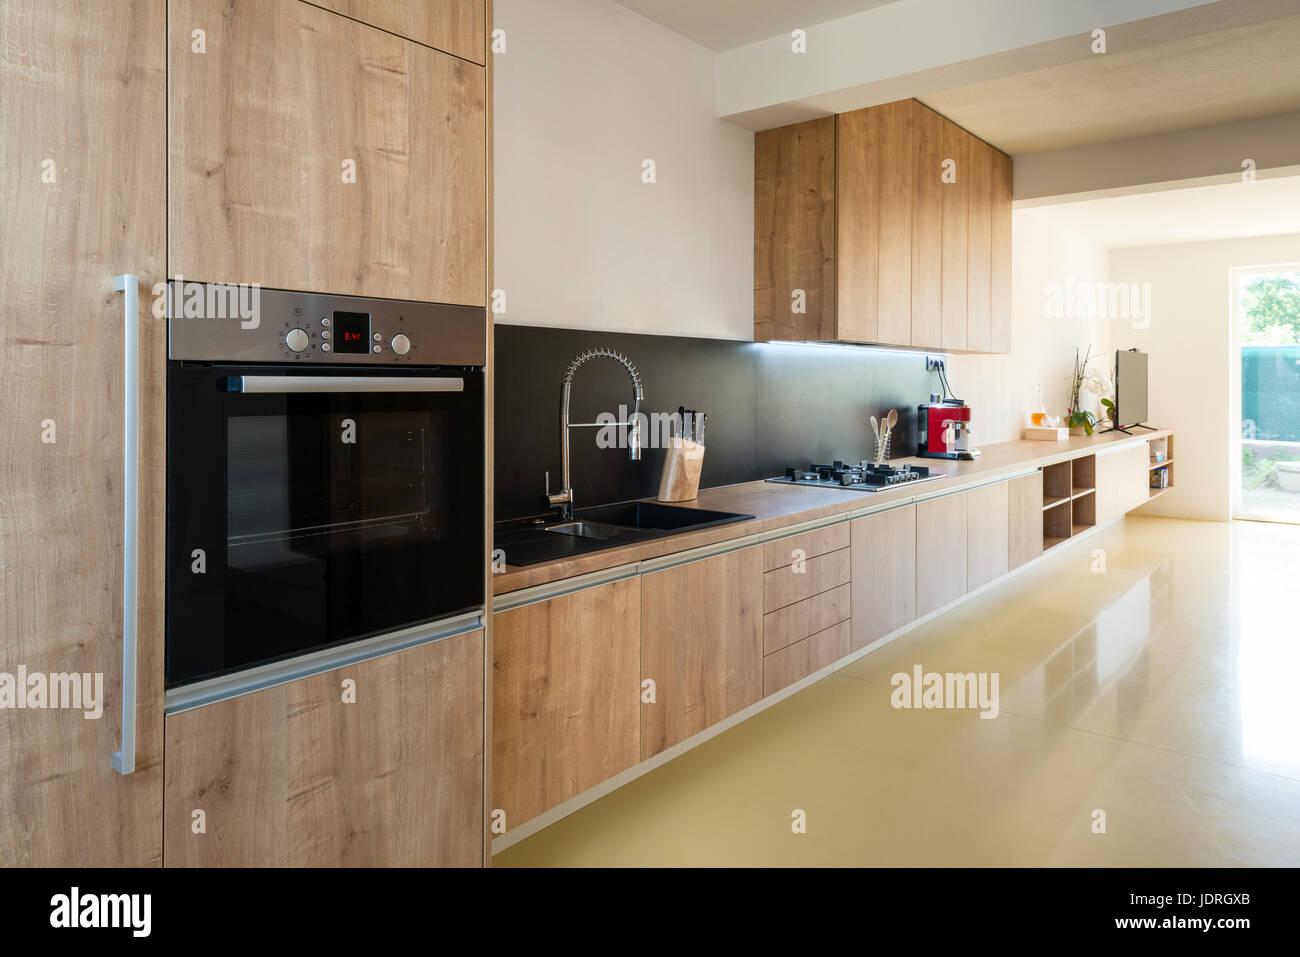 Malerisch Moderne Inneneinrichtung Galerie Von - Küche Verbunden Mit Wohnzimmer